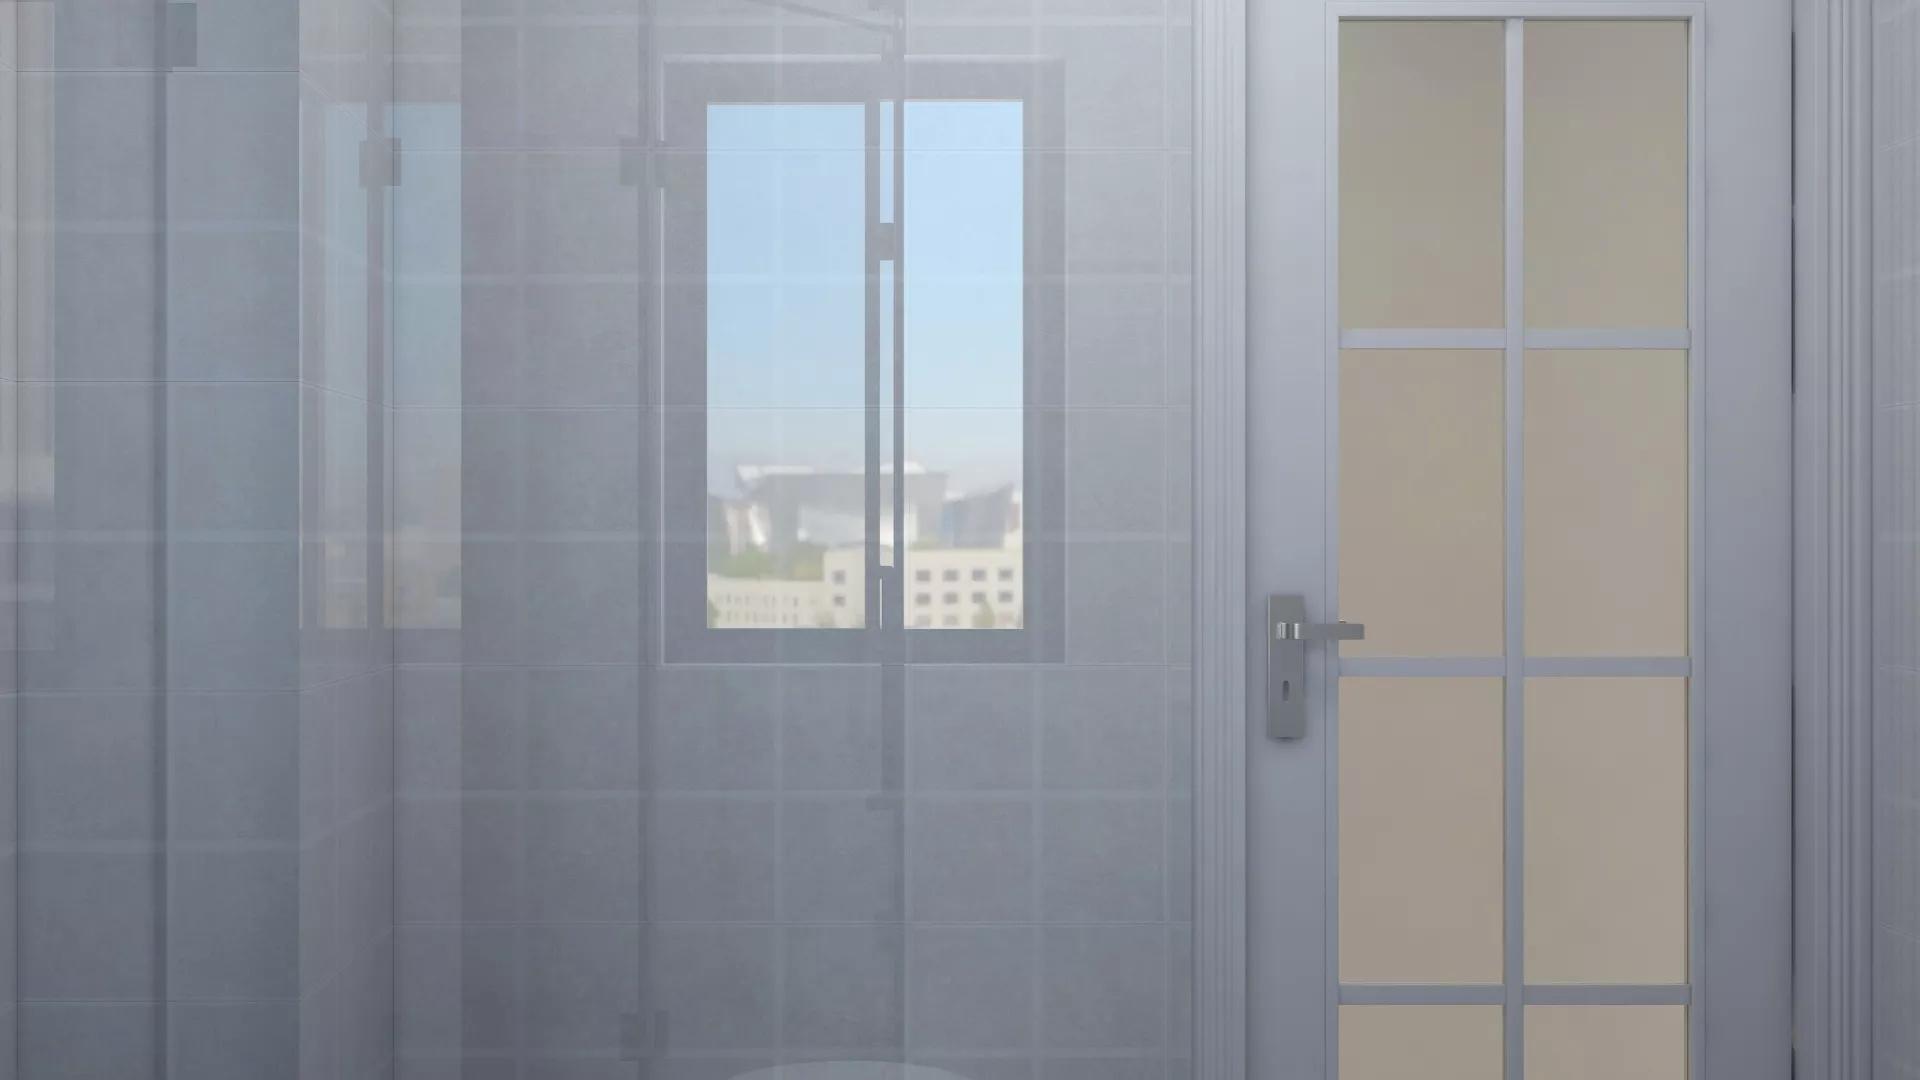 客廳窗簾顏色如何挑選 客廳窗簾顏色哪種好